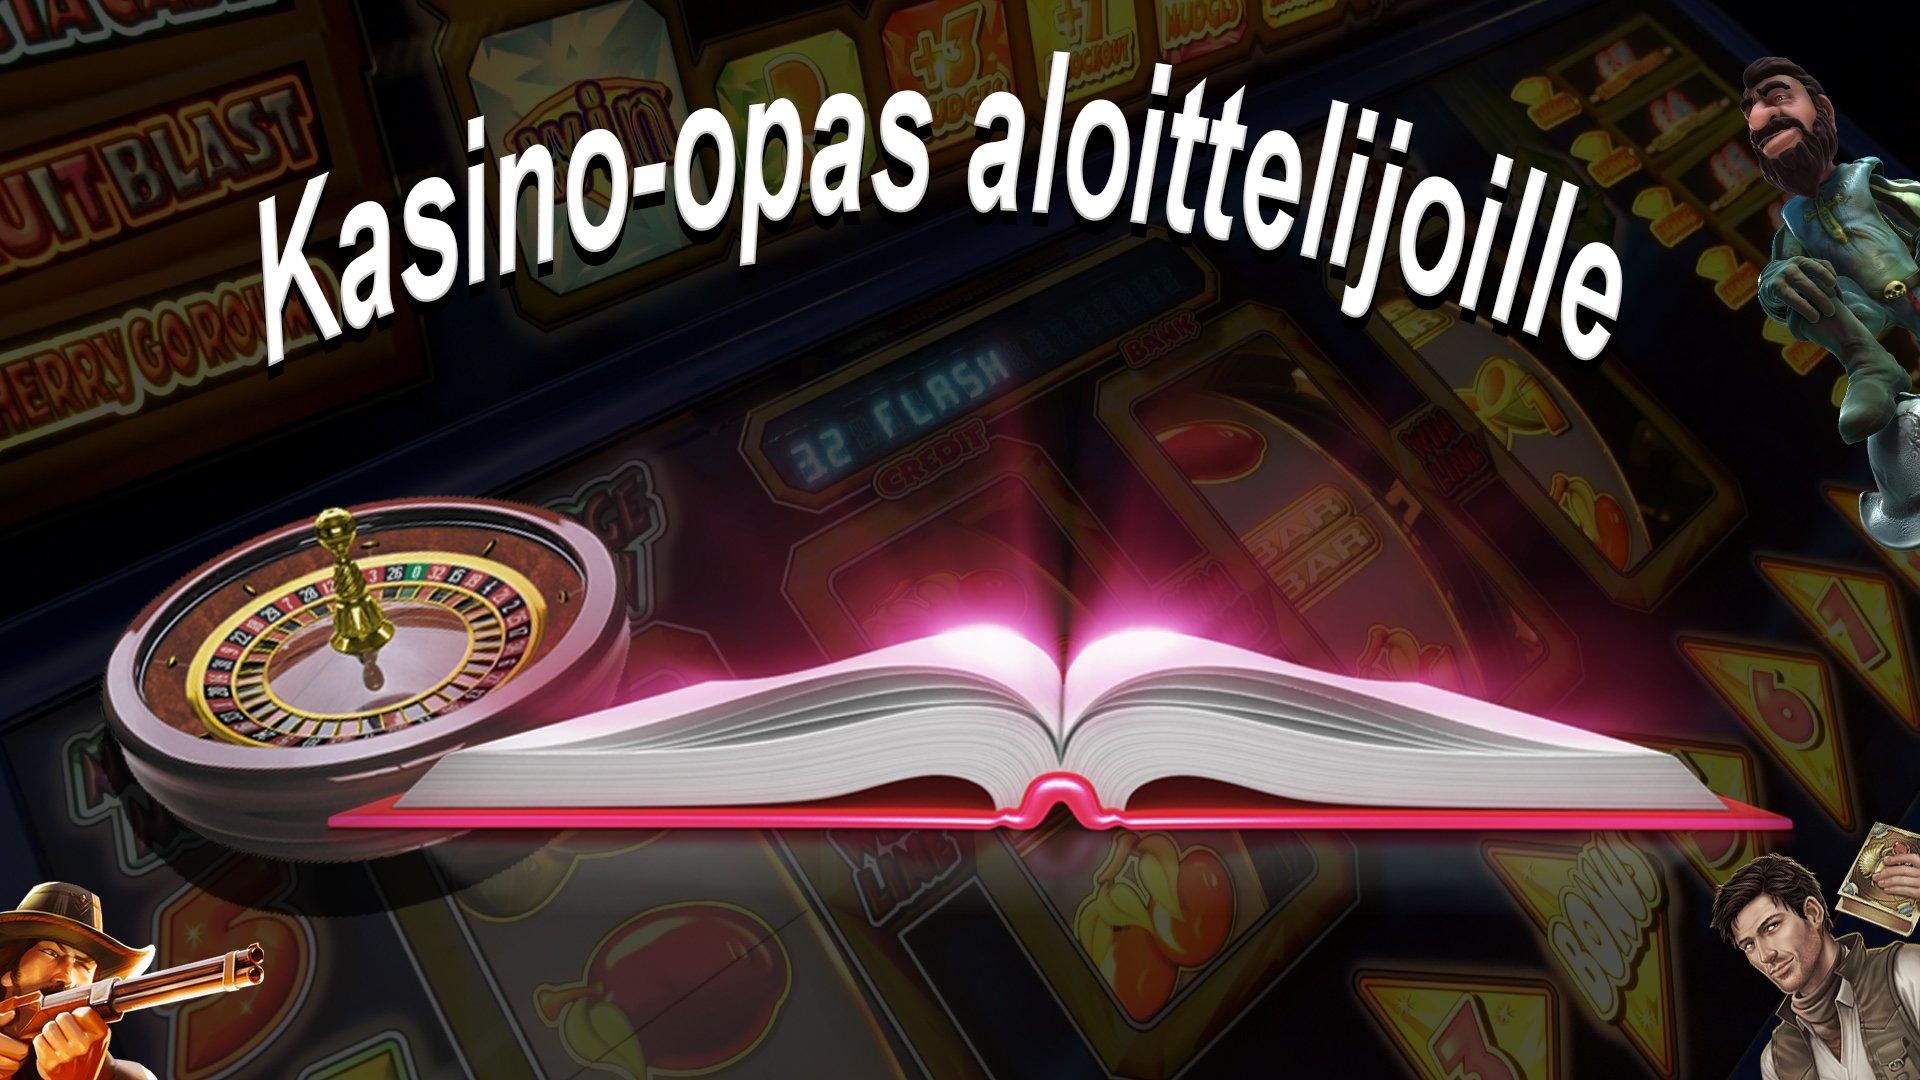 kasino-opas alottelijoille